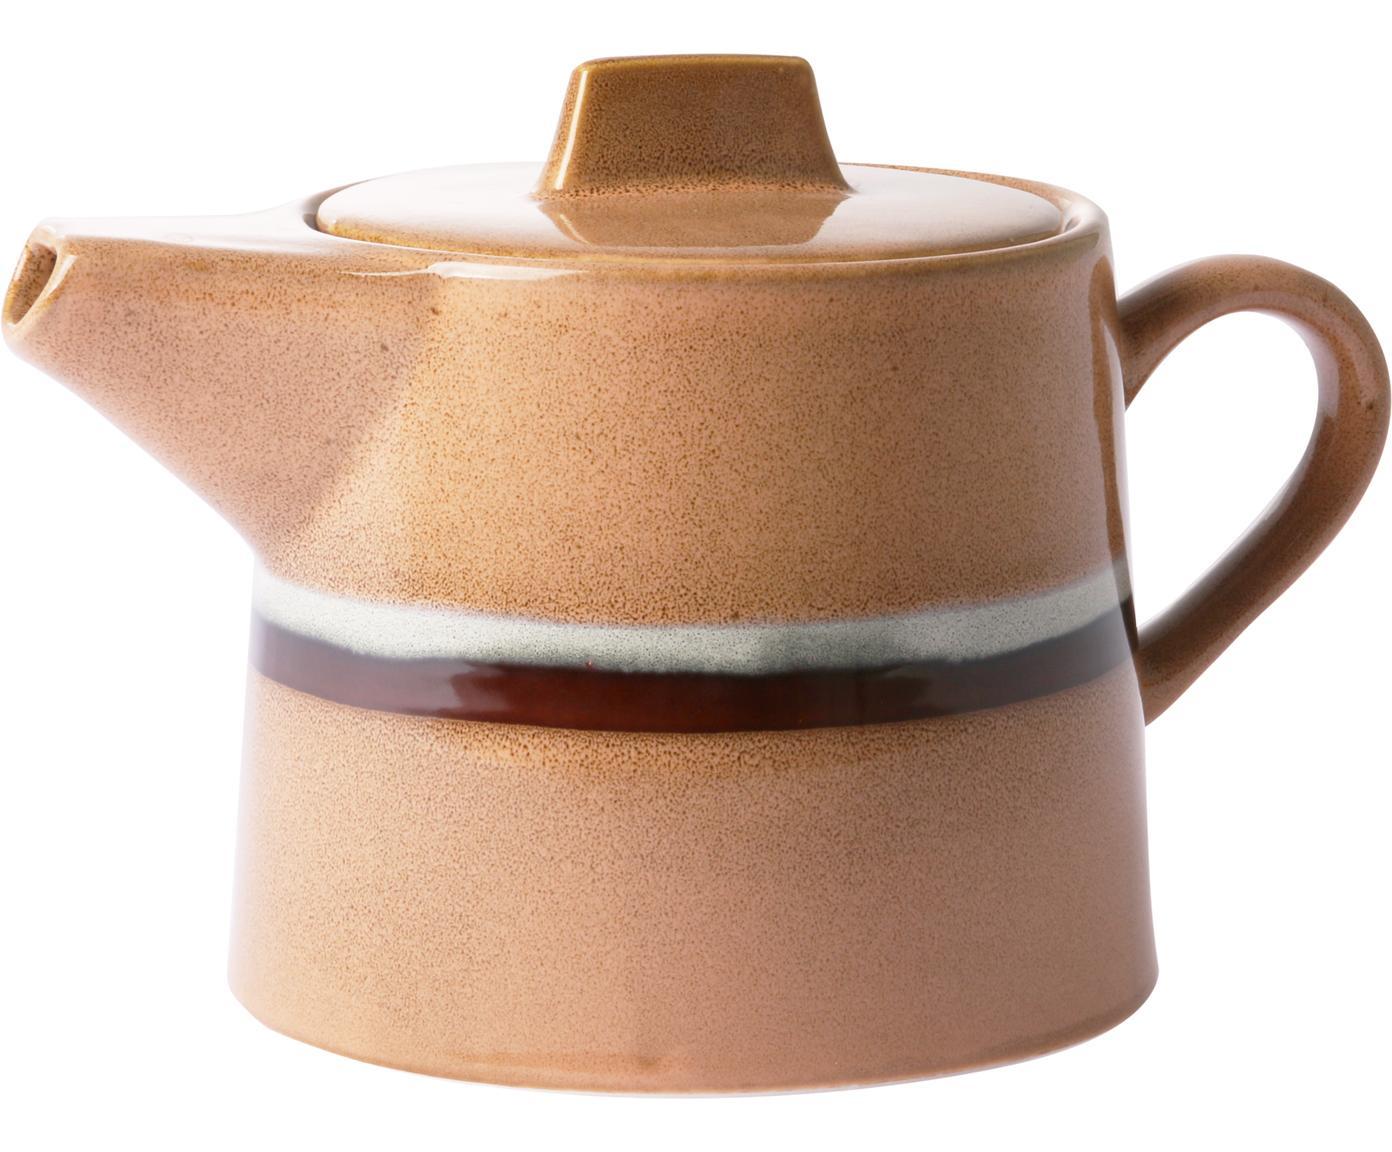 Handgemachte Teekanne 70's, Keramik, Pfirsichfarben, Grau, Schwarz, 23 x 14 cm